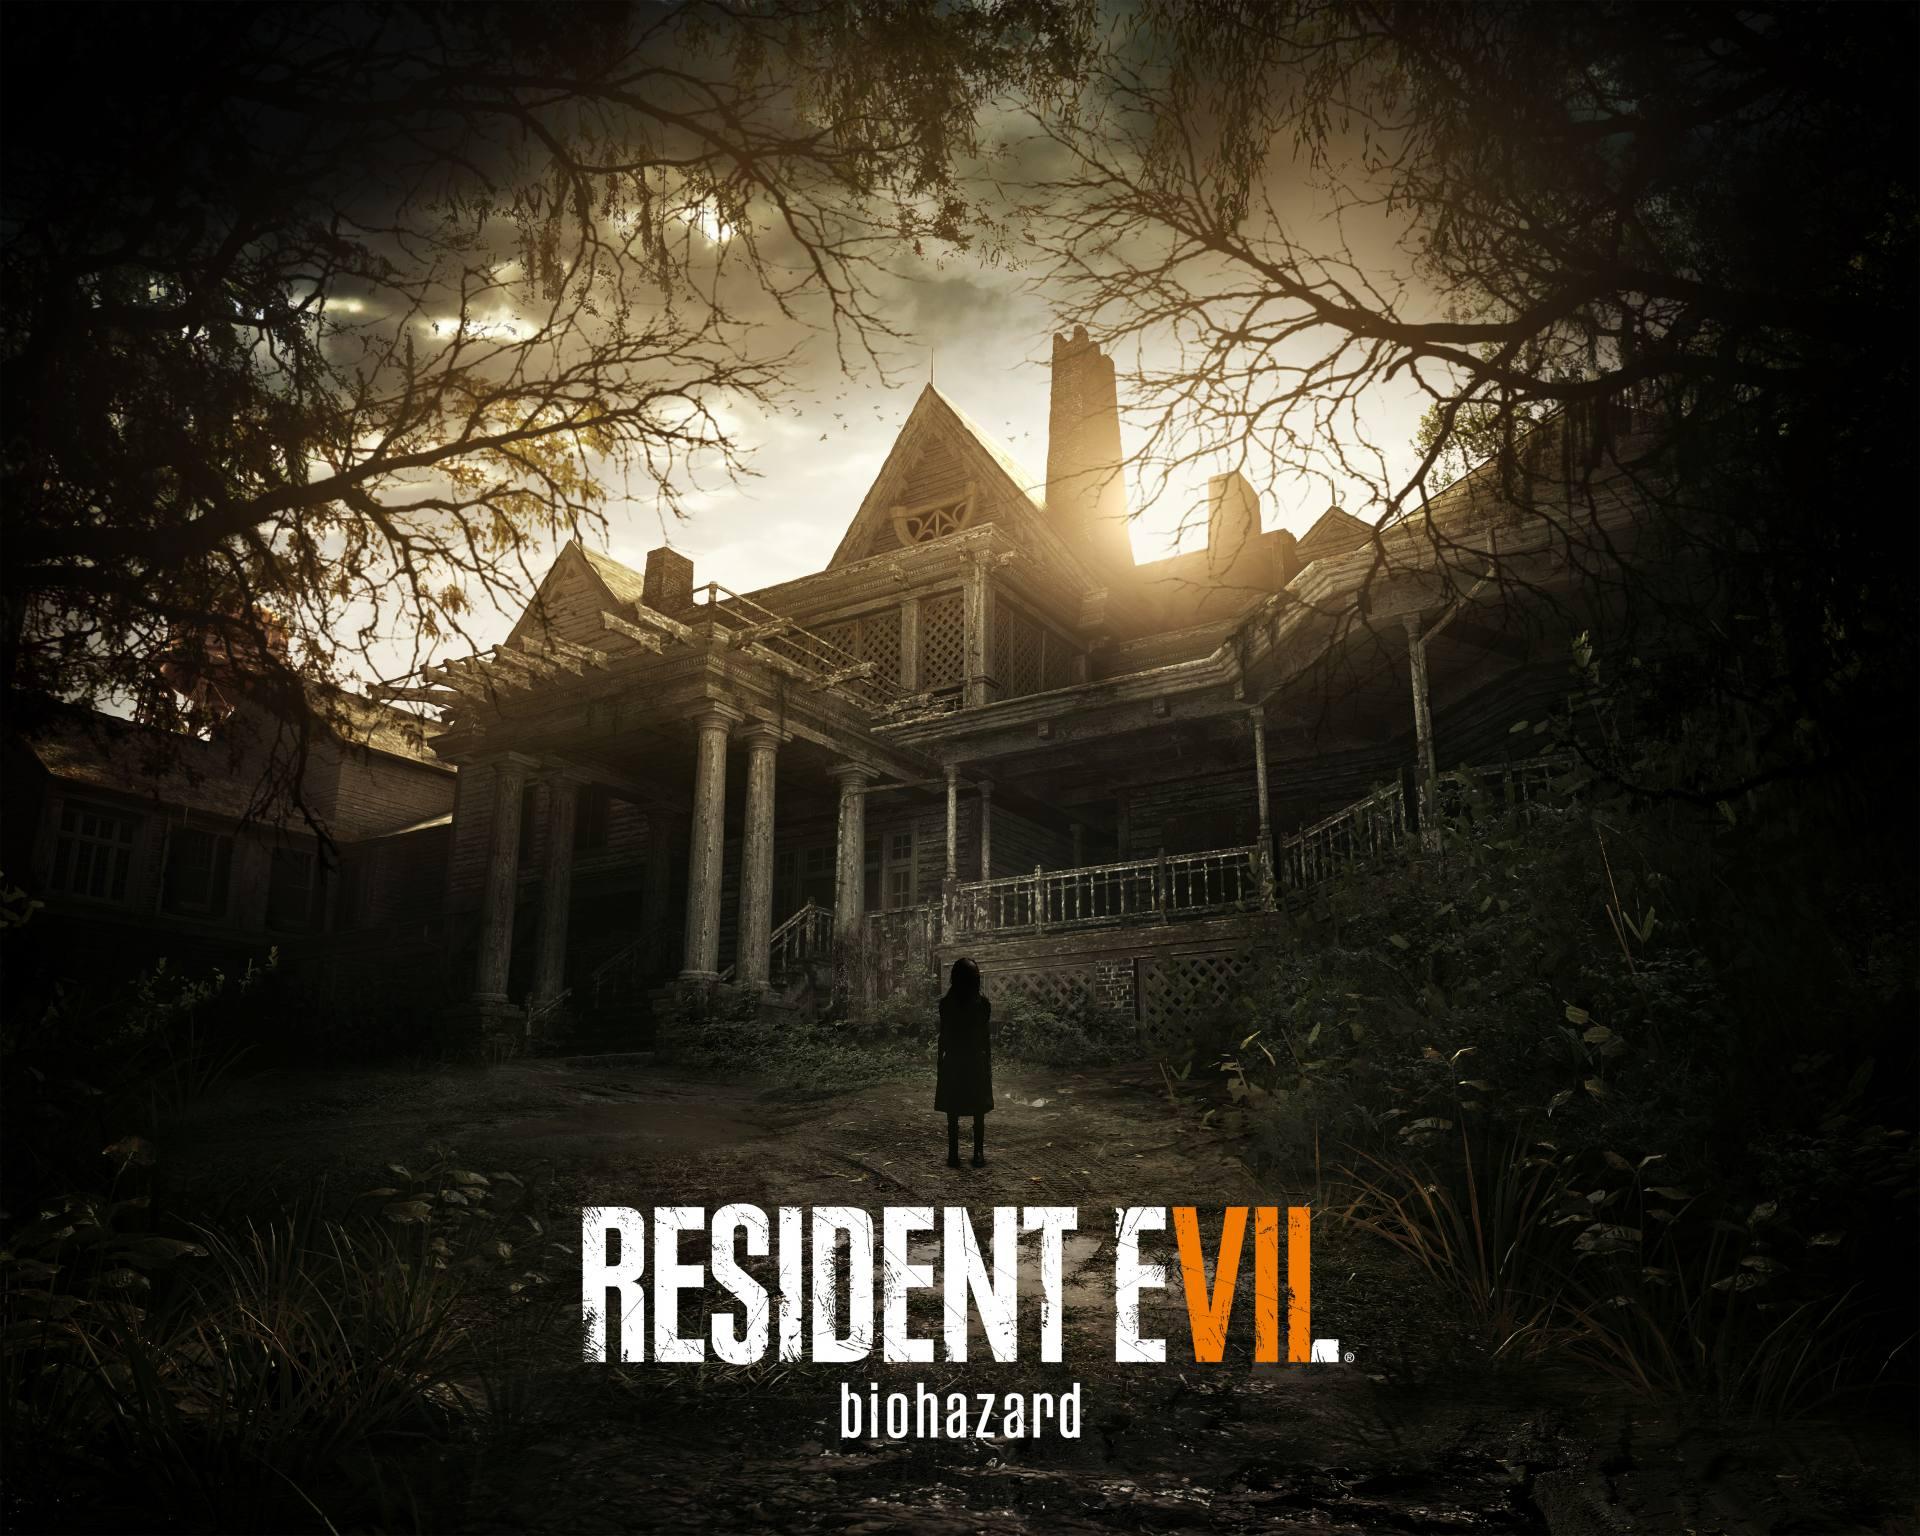 Resident-Evil-7-biohazard_2016_06-13-16_015